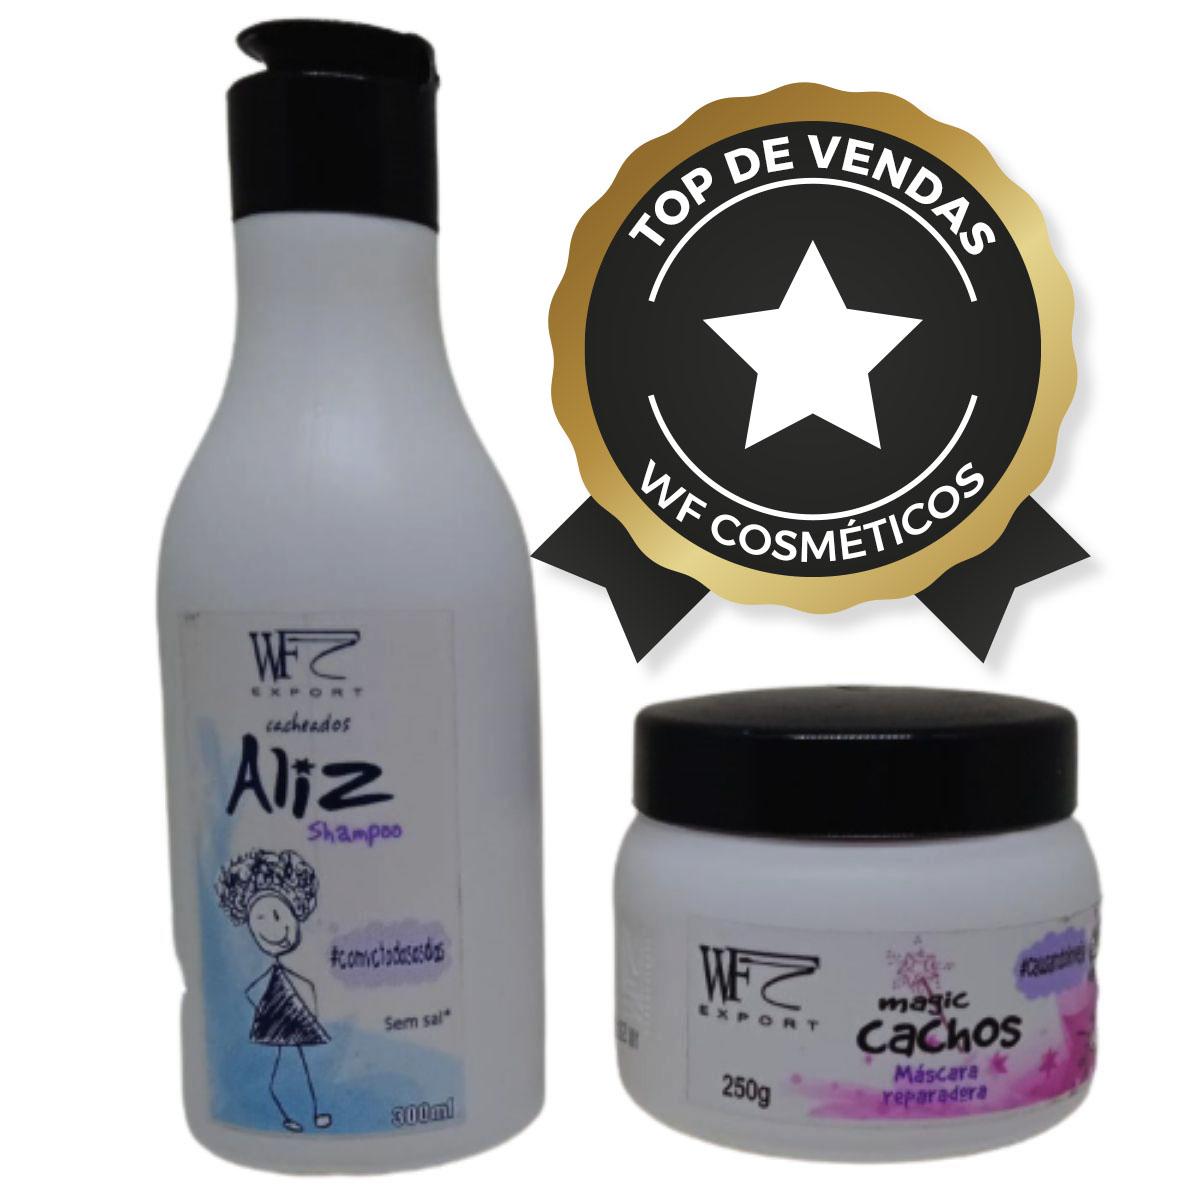 ALIZ-Magic Cachos-Kit Wf Cosméticos Duo Home Care 2 Produtos